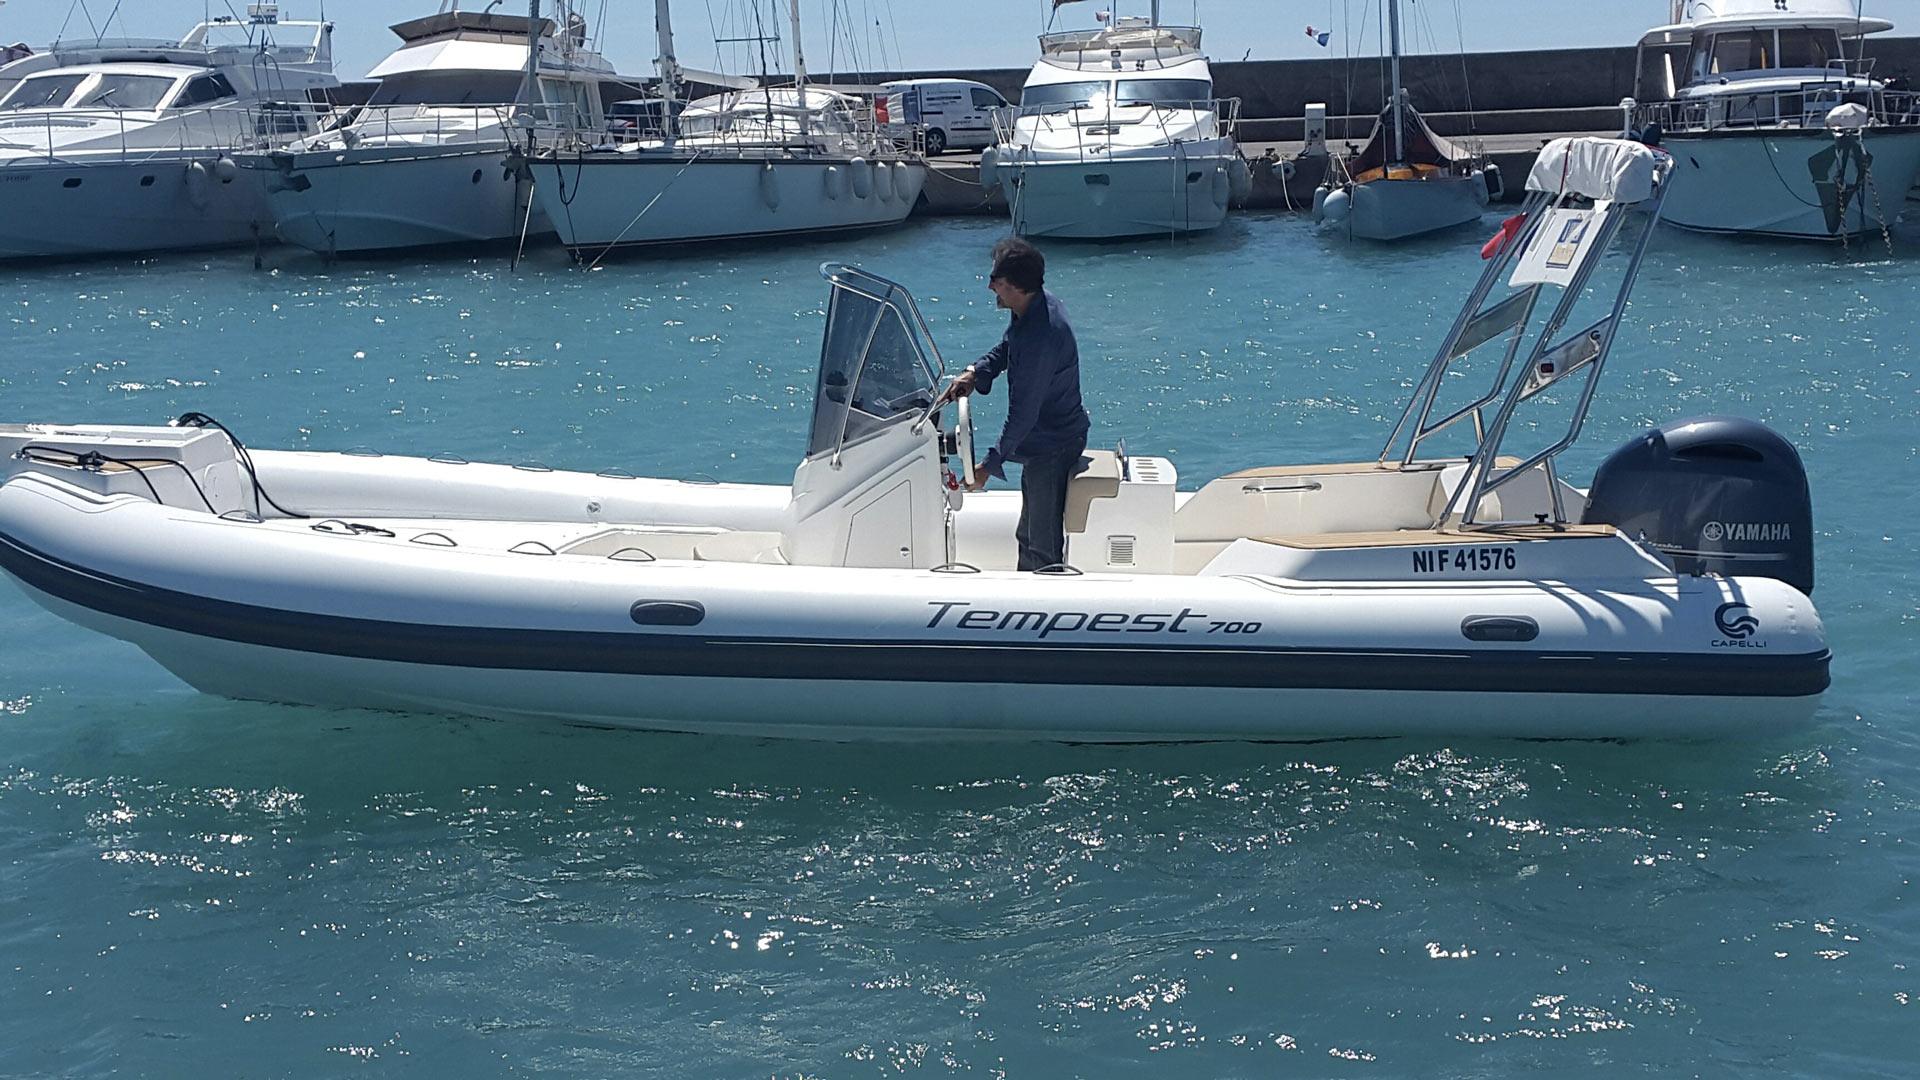 bateau semi-rigide Capelli Tempest 700 location Saint Laurent du Var côte d'azur Saint Laurent du Var